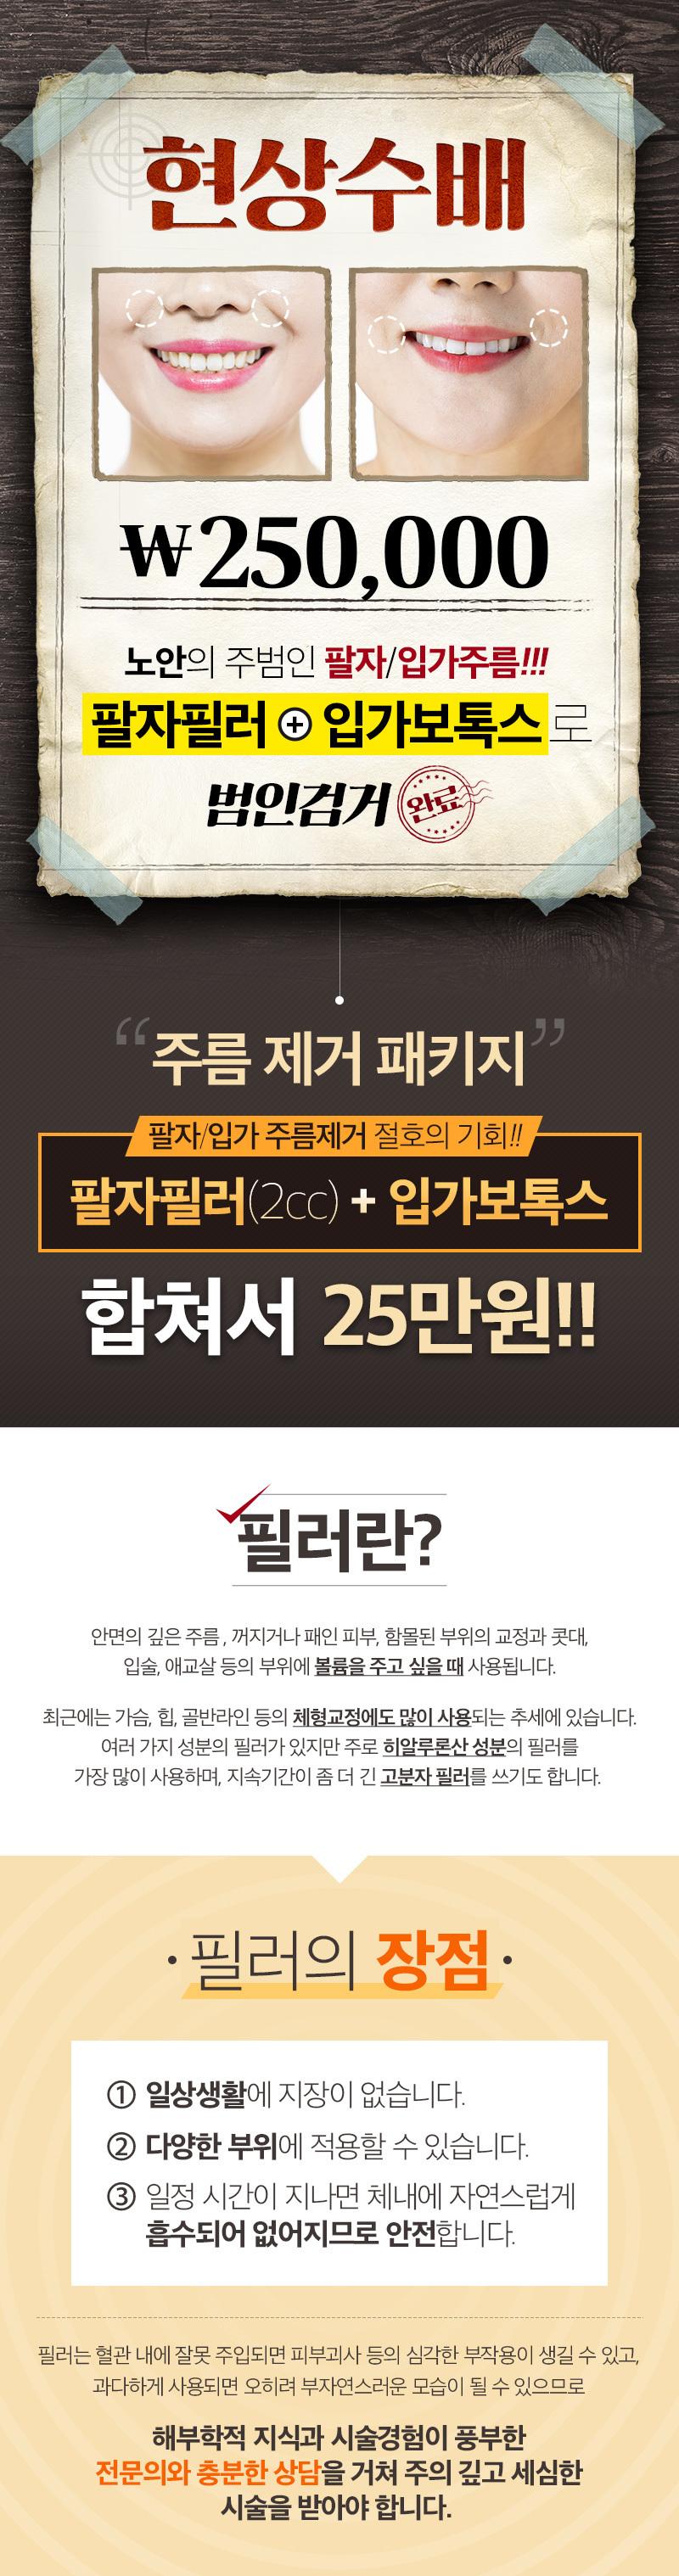 D event info 924b40b14cce730e43